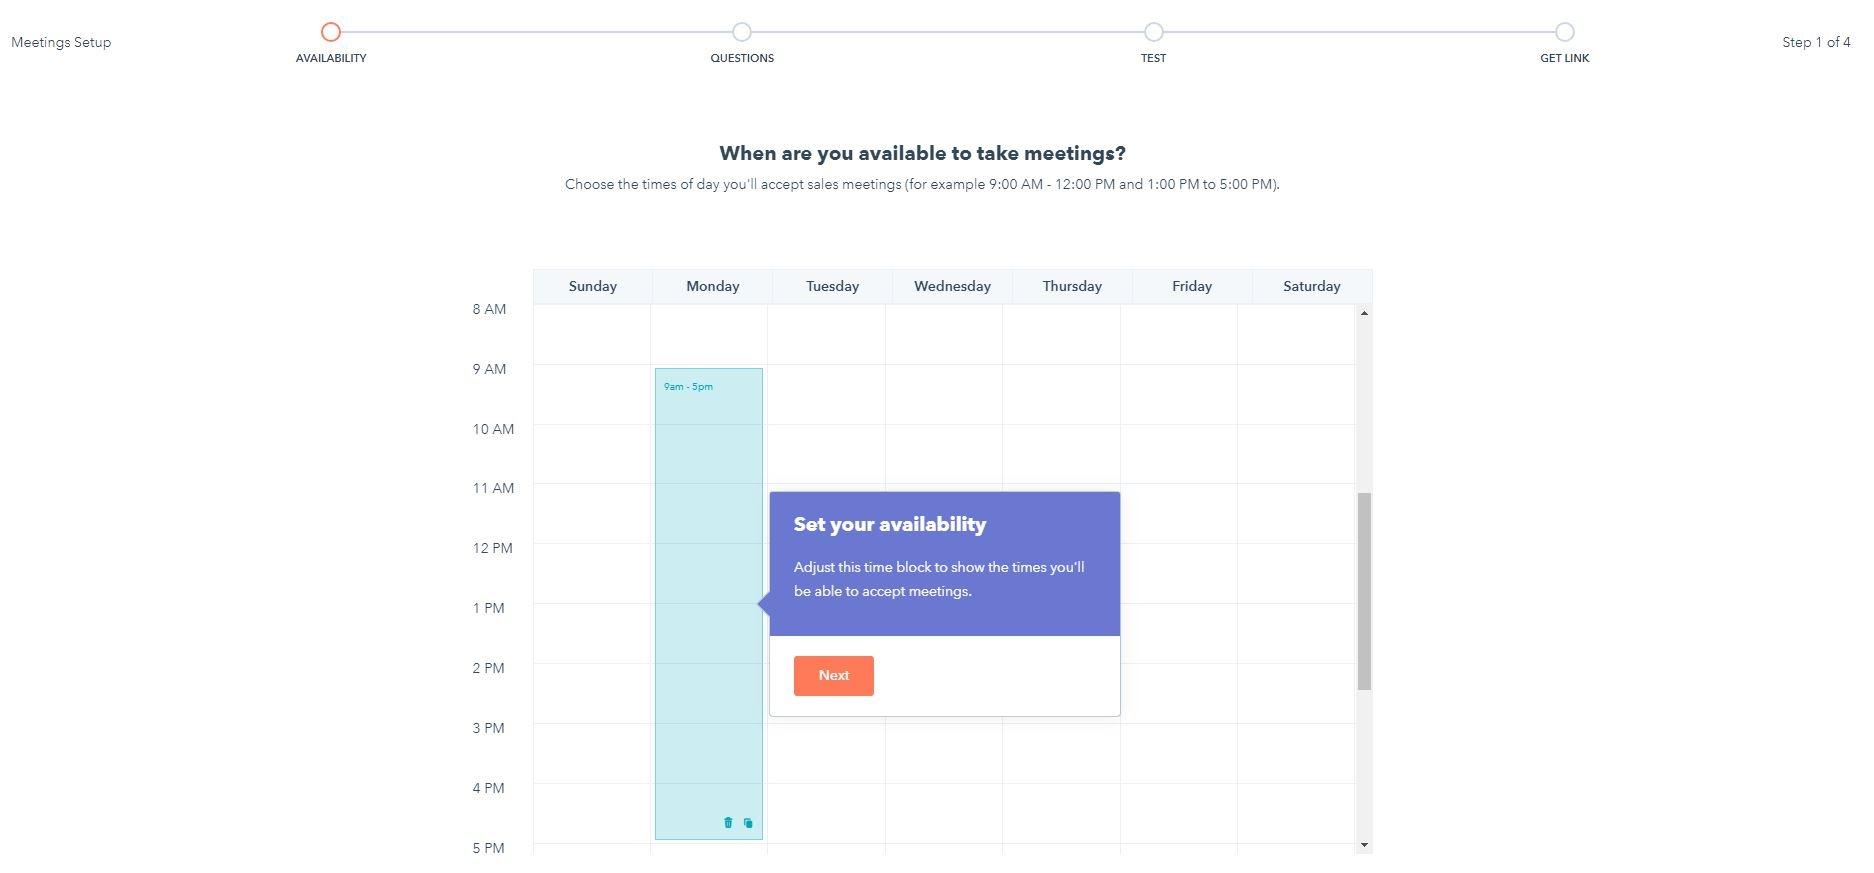 HubSpot-Meetings-Step-1